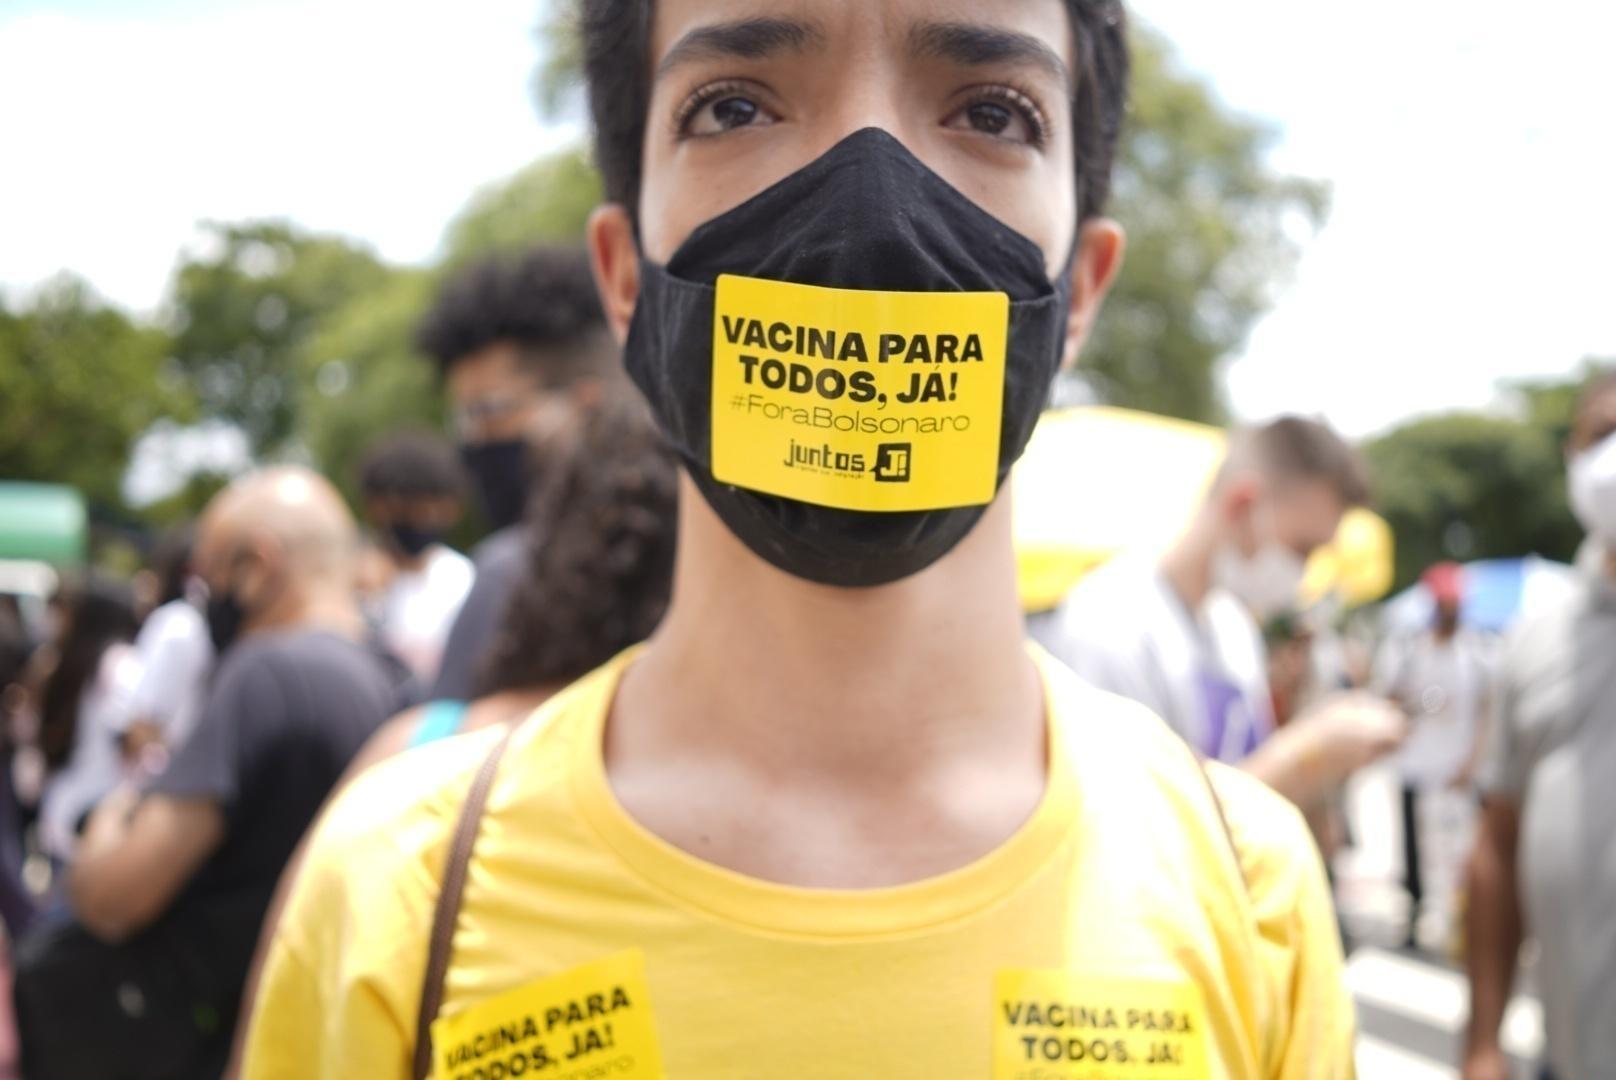 Danylo Amilcar, estudante de geografia da USP e integrante do movimento Juntos, protesta contra a realização do Enem em SP - André Porto/UOL